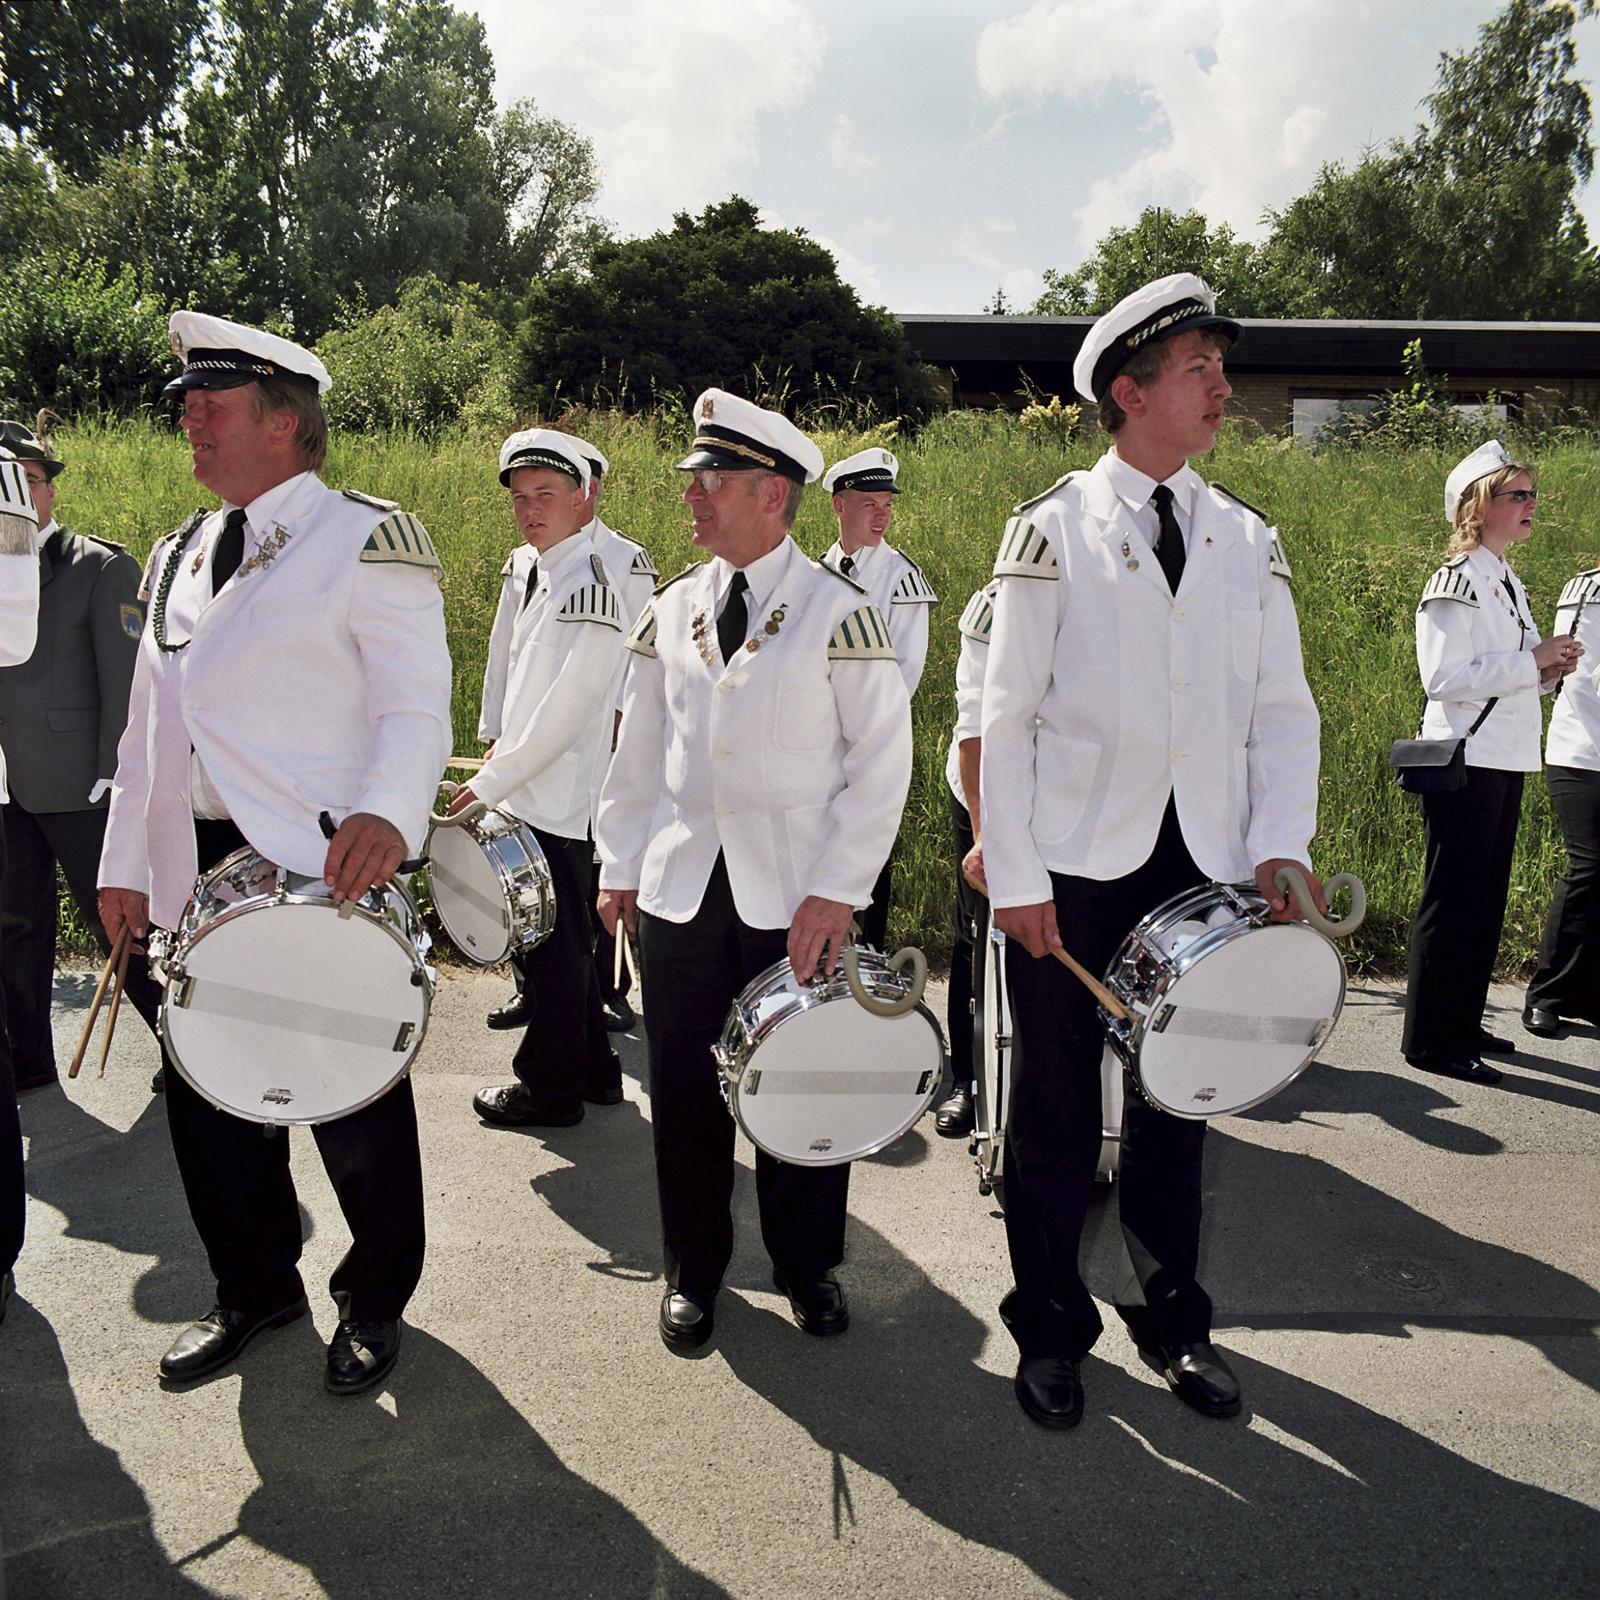 Schuetzenfest in Hemmoor, Norddeutschland